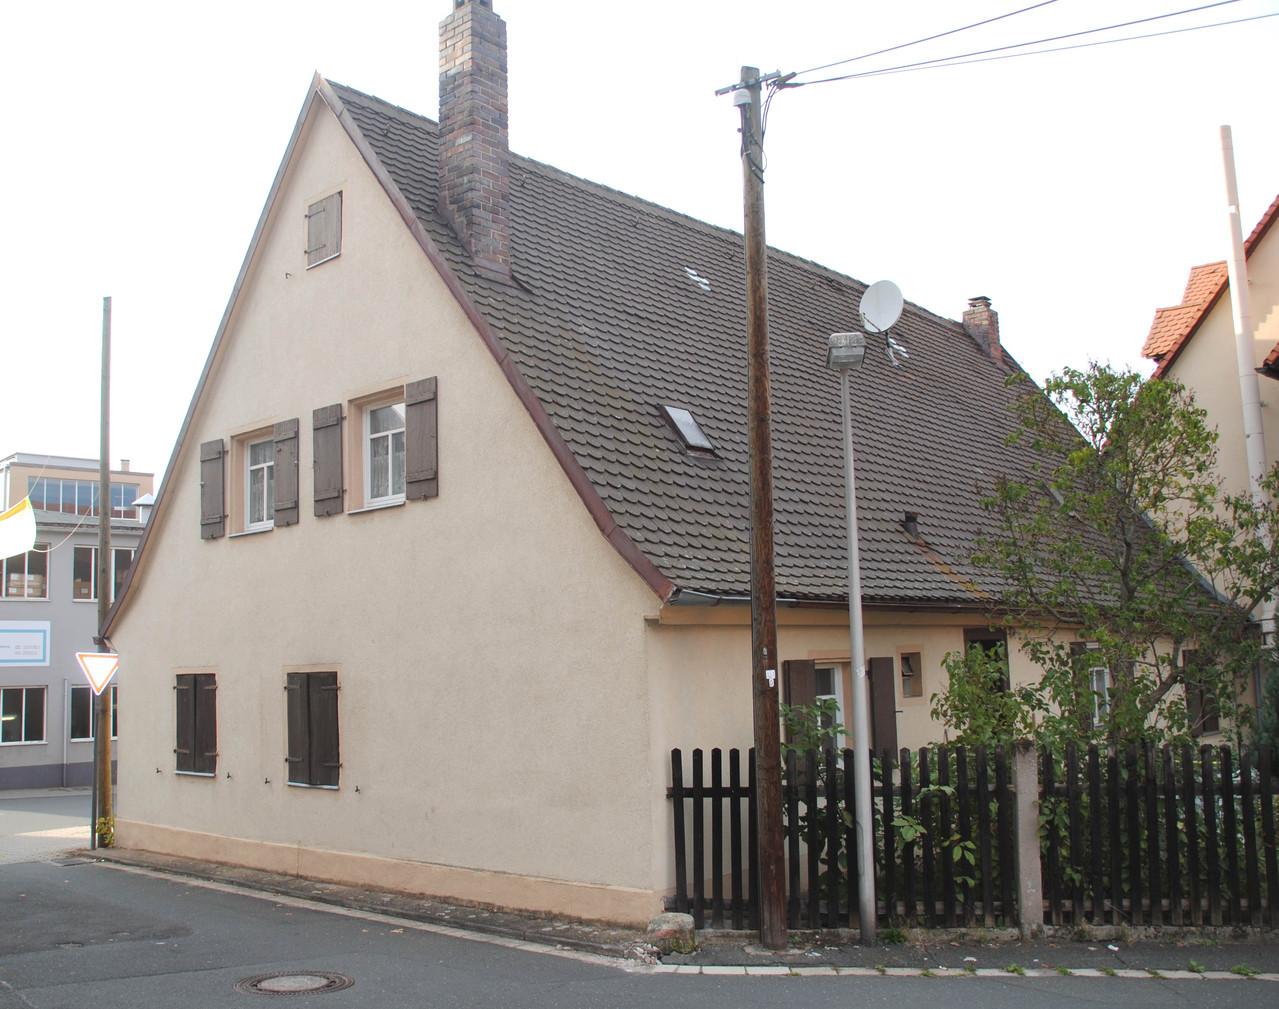 Das Häuschen heute: Einmündung der Gasse in die Hauptstraße. Links ist ein Teil der Spitzgußfabrik zu sehen.